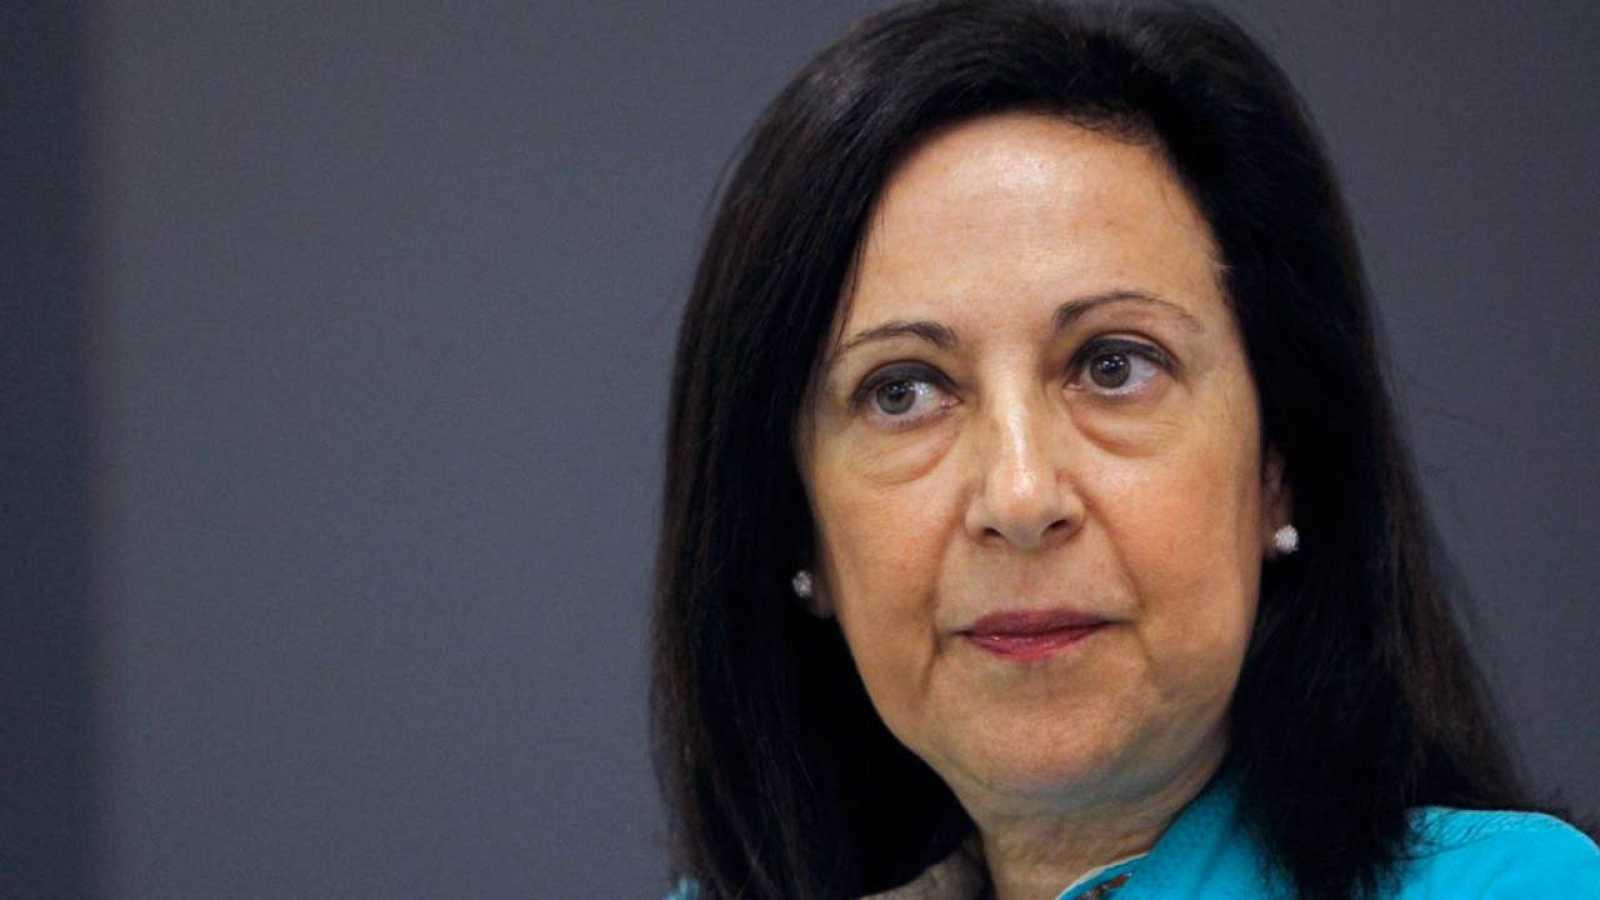 Francia sancionará, incluyendo expulsiones, a los militares en activo que firmaron un manifiesto ultraderechista (mientras España, y Margarita Robles, sigue protegiendo a la ultraderecha militar)